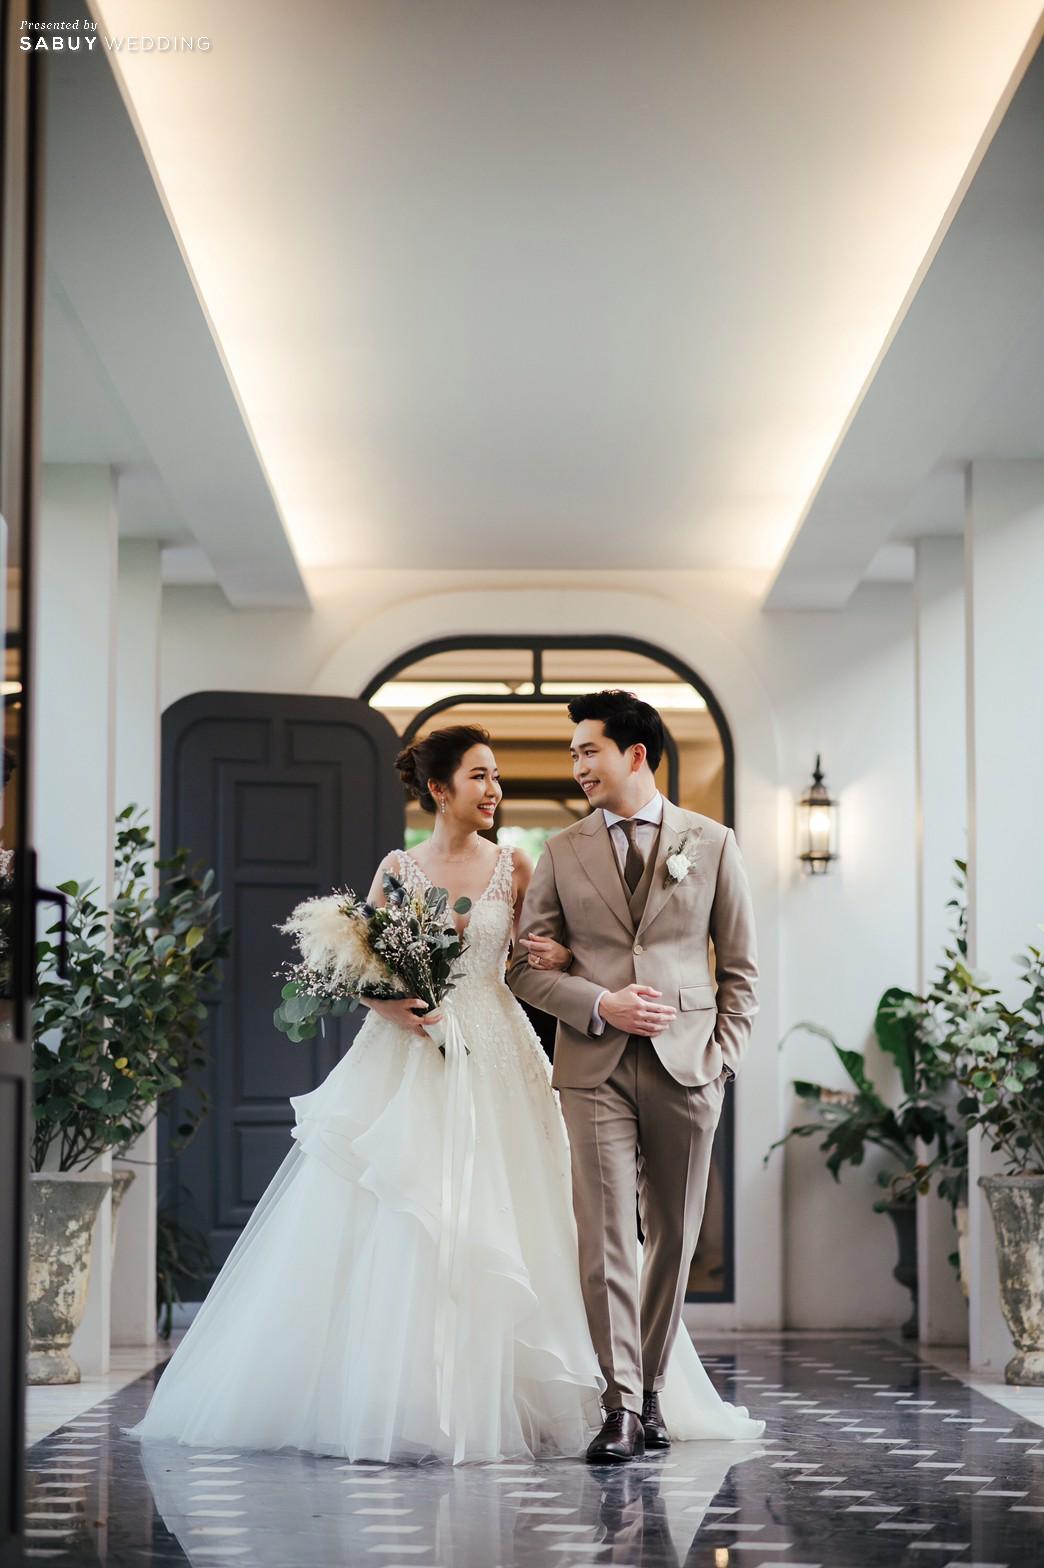 ชุดแต่งงาน,สถานที่แต่งงาน,สถานที่จัดงานแต่งงาน รีวิวงานแต่งสวยสไตล์ธรรมชาติ บรรยากาศอบอุ่นใจกลางเมือง @ The Botanical House Bangkok